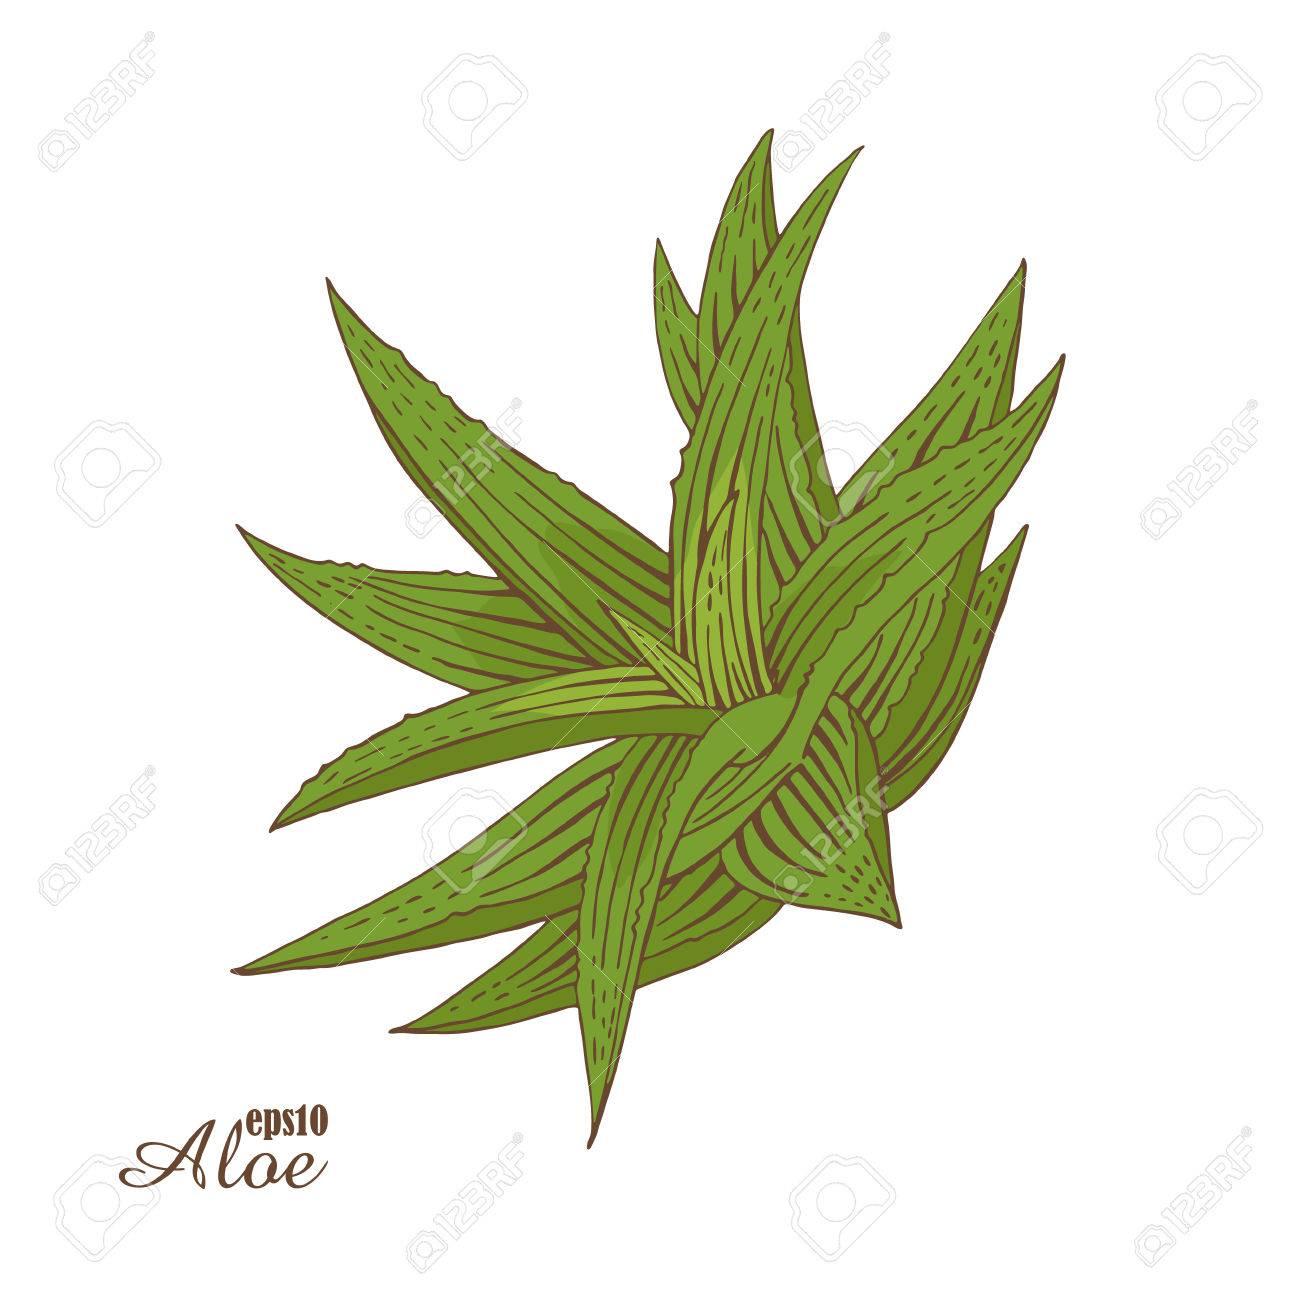 Aloe Vera Couleur Esquisse Dessinée à La Main Vector Illustration Botanique Dans Le Style De Gravure Sur Bois Plantes Médicinales Vertes L Image